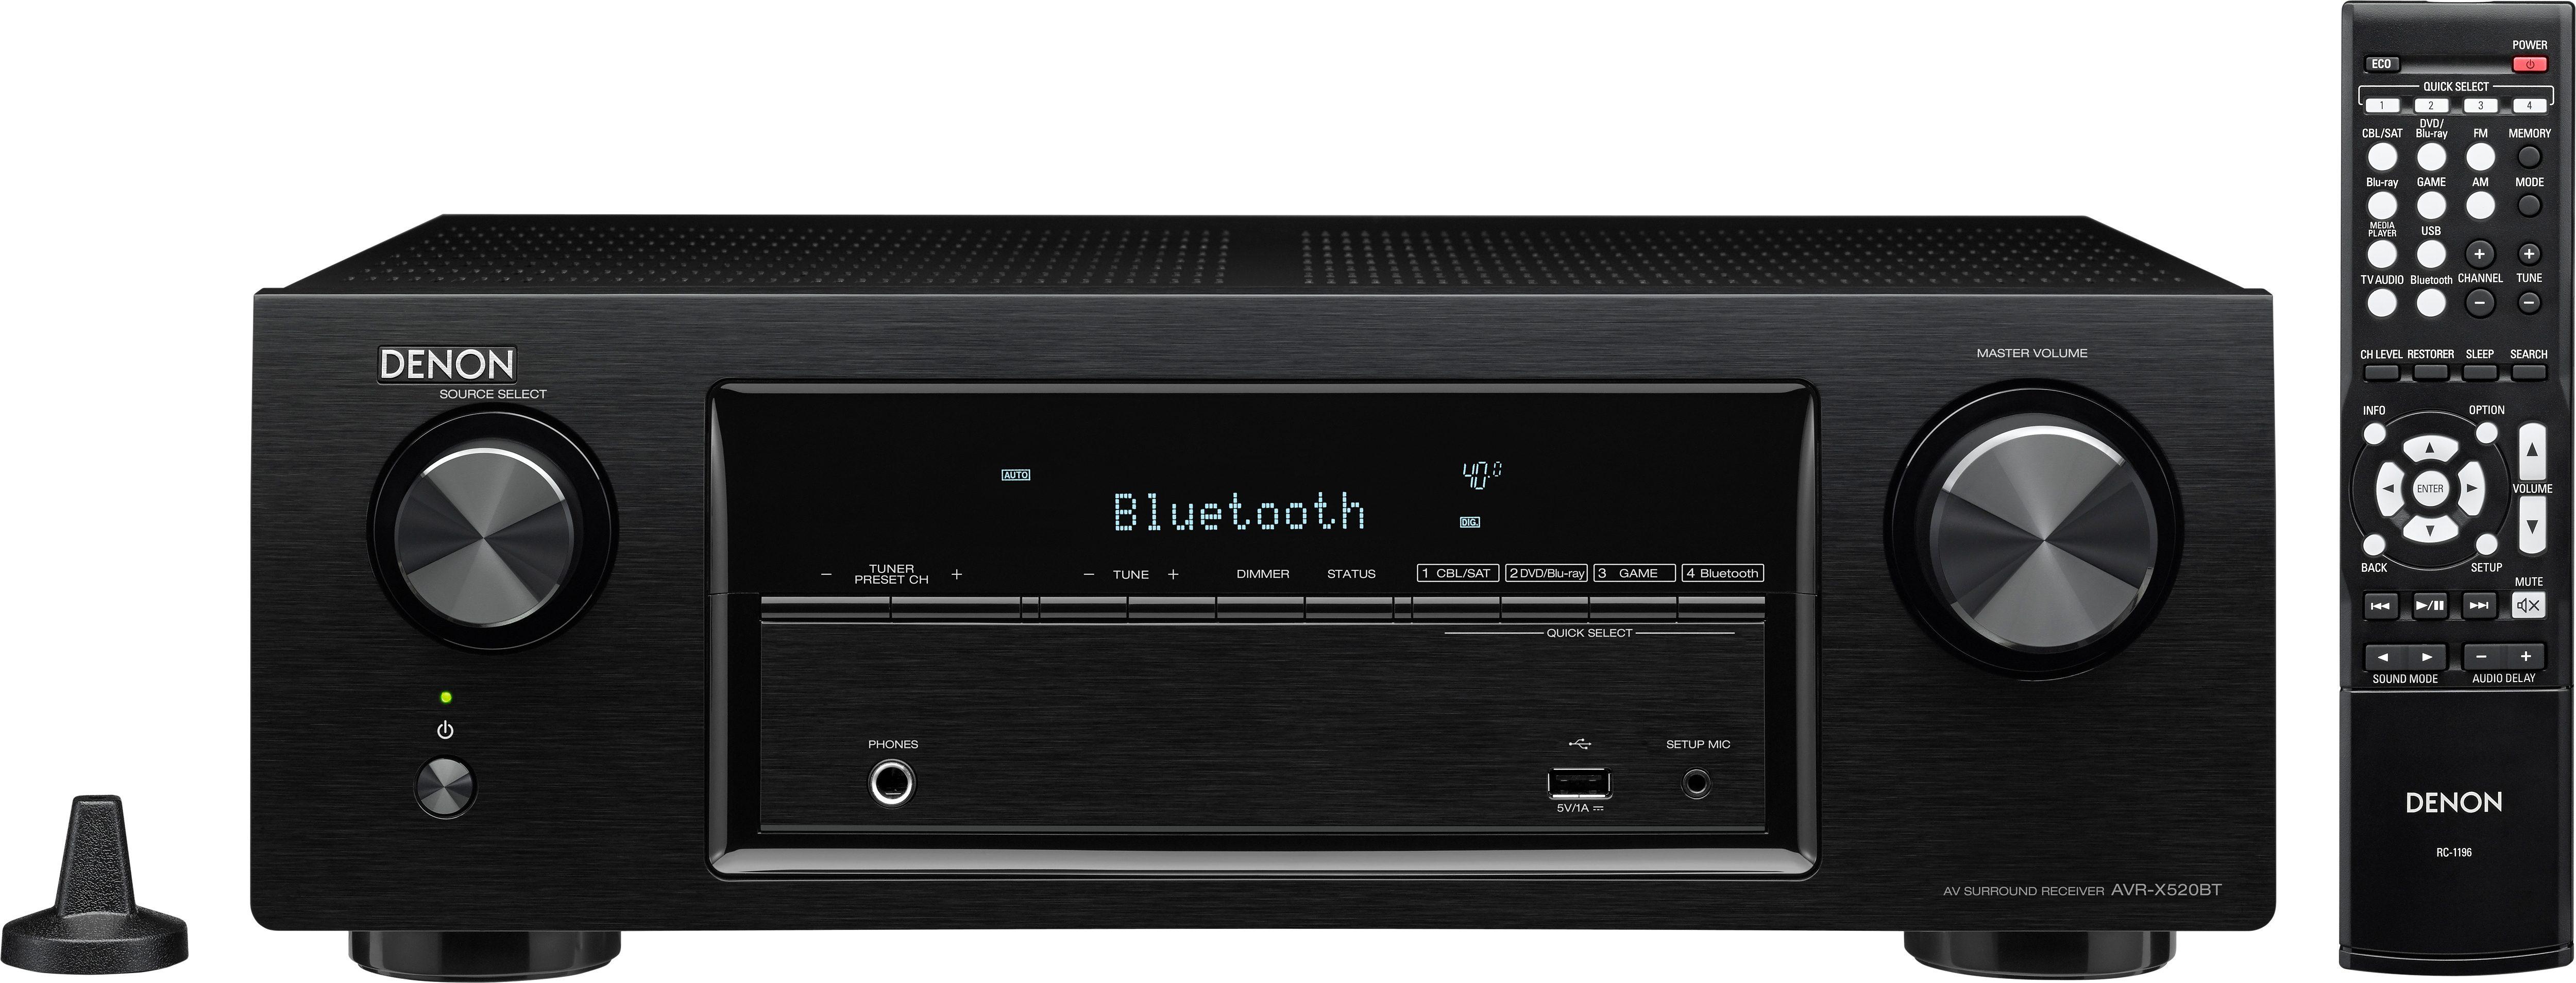 Denon AVR-X520BT 5.2 AV-Receiver (3D, Bluetooth)